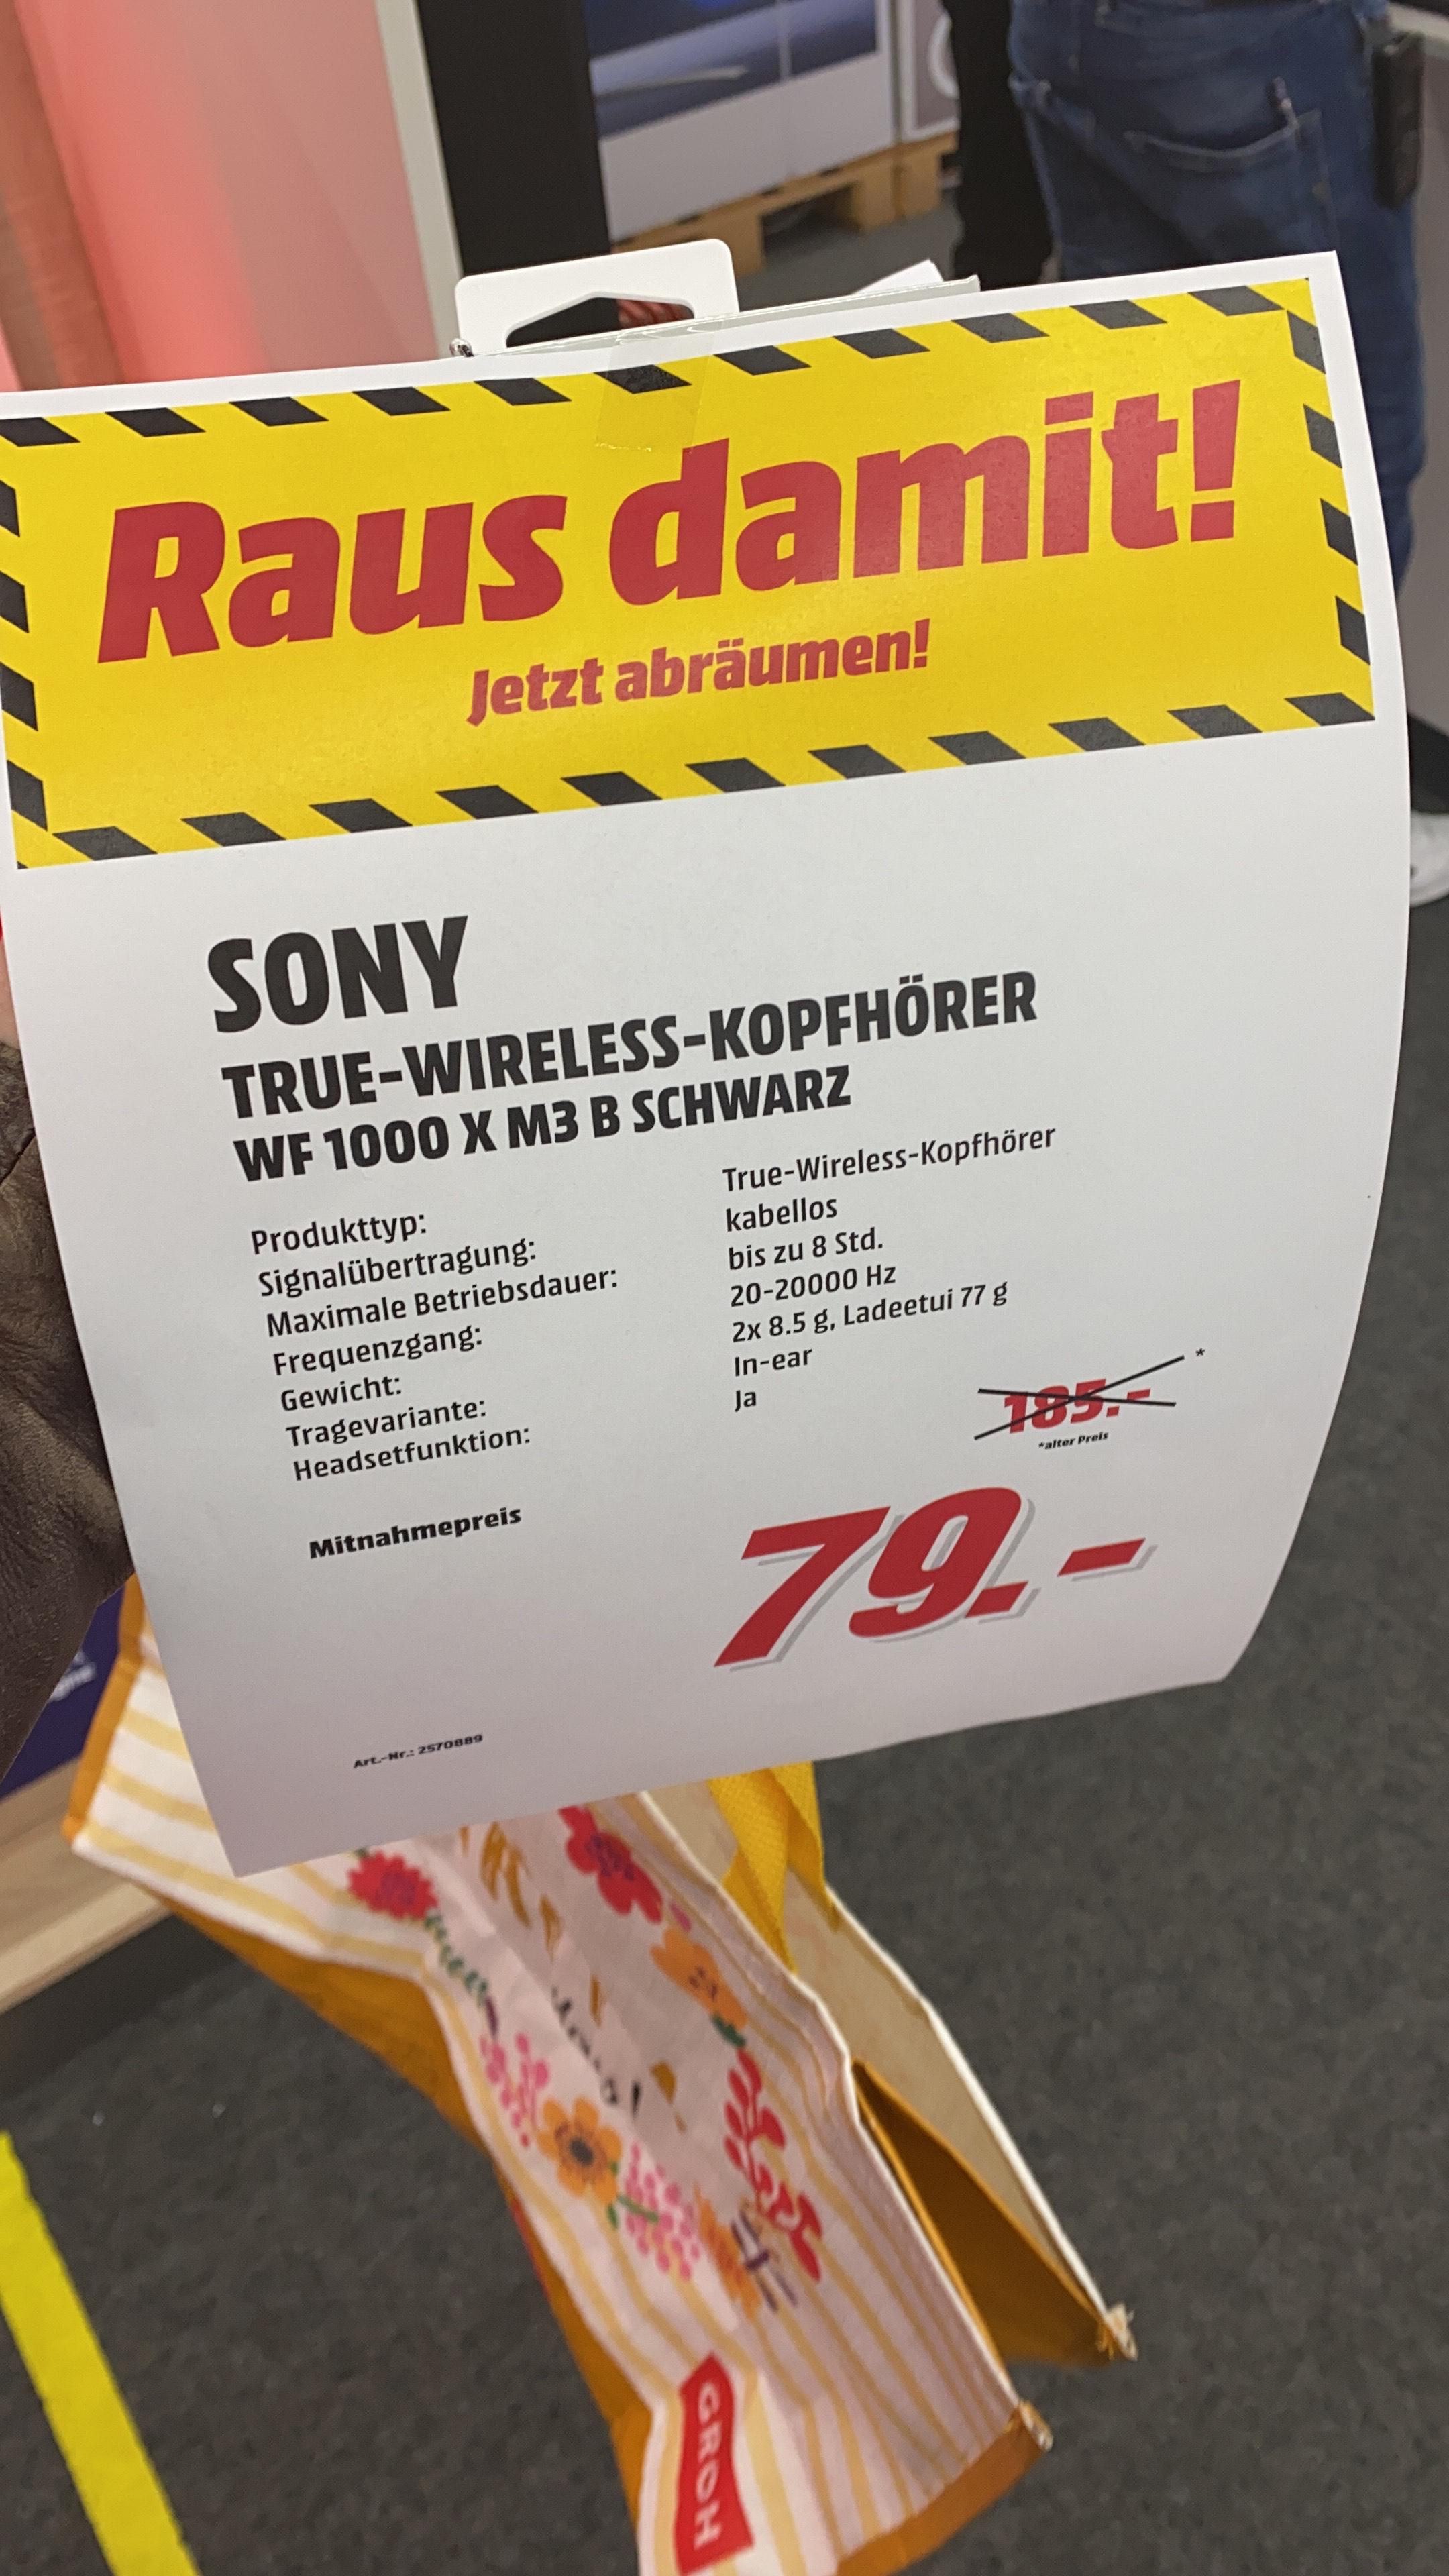 Sony WF 1000 X M3 B (Lokal Dietzenbach) - In-Ear-Kopfhörer